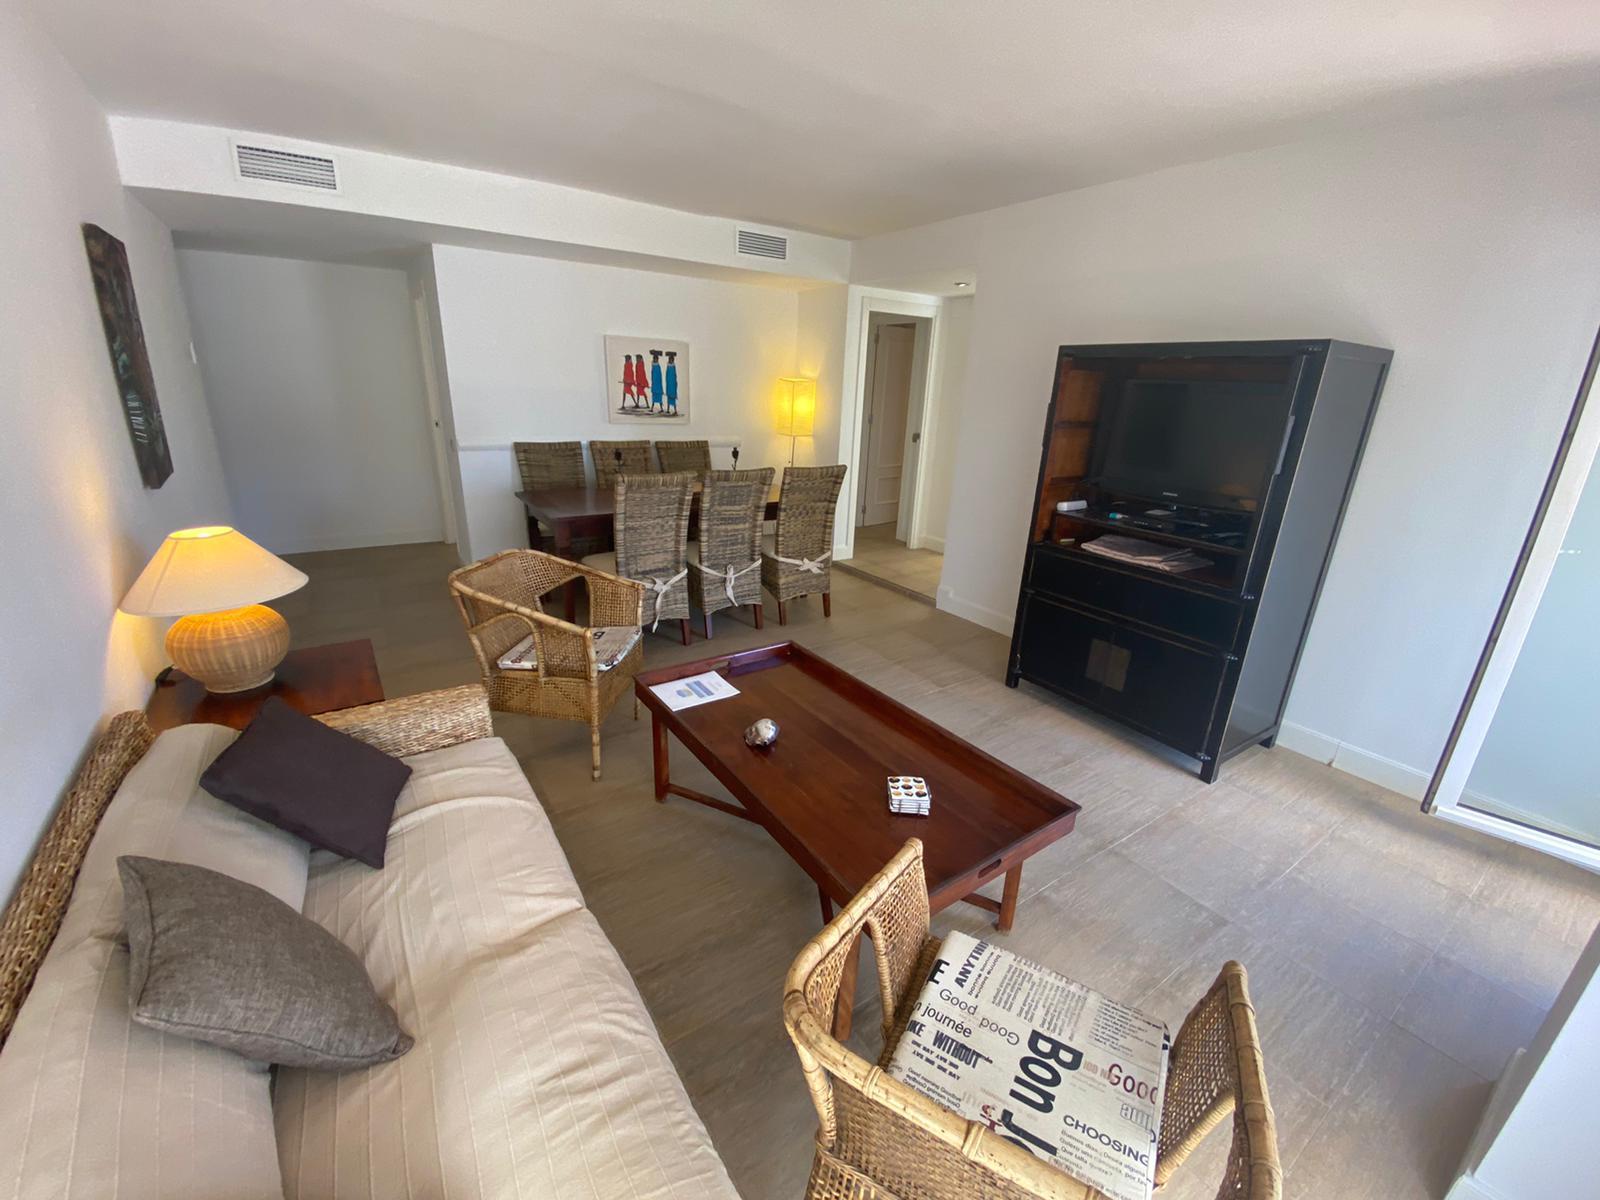 Imagen 1 del Apartamento Turístico, Ático 1 Central (3d+2b), Punta del Moral (HUELVA), Paseo de la Cruz nº22